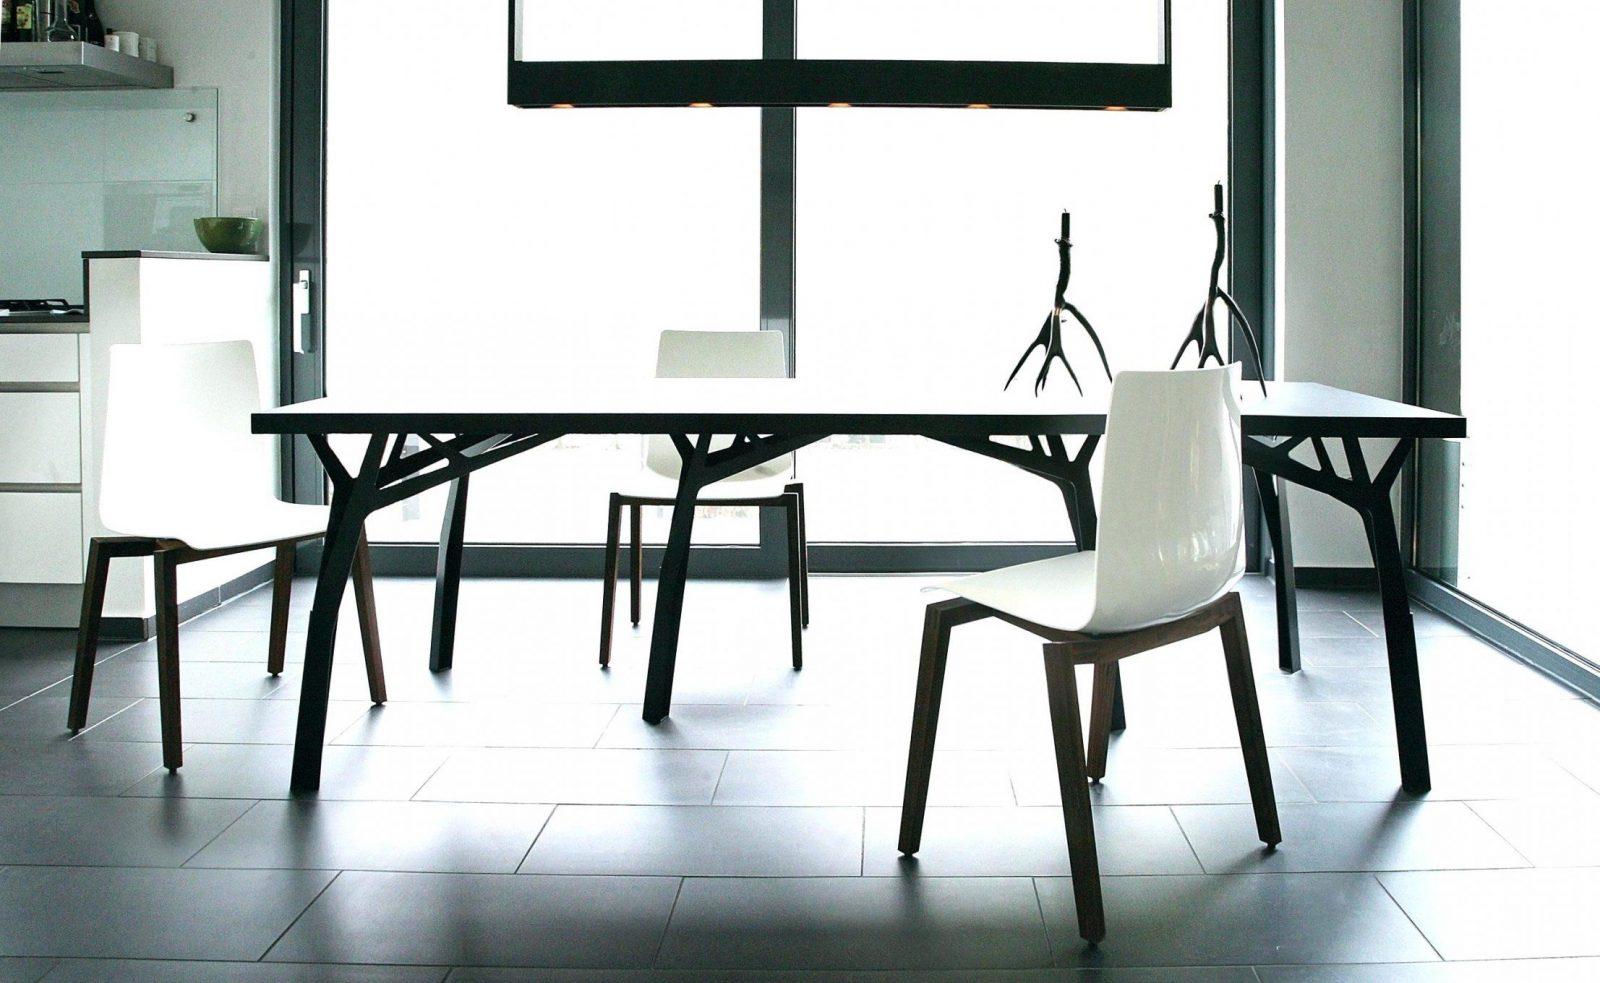 Gebrauchte Tische Und Stühle Für Gastronomie Fresh Top Ergebnis 50 von Stühle Und Tische Für Gastronomie Gebraucht Photo